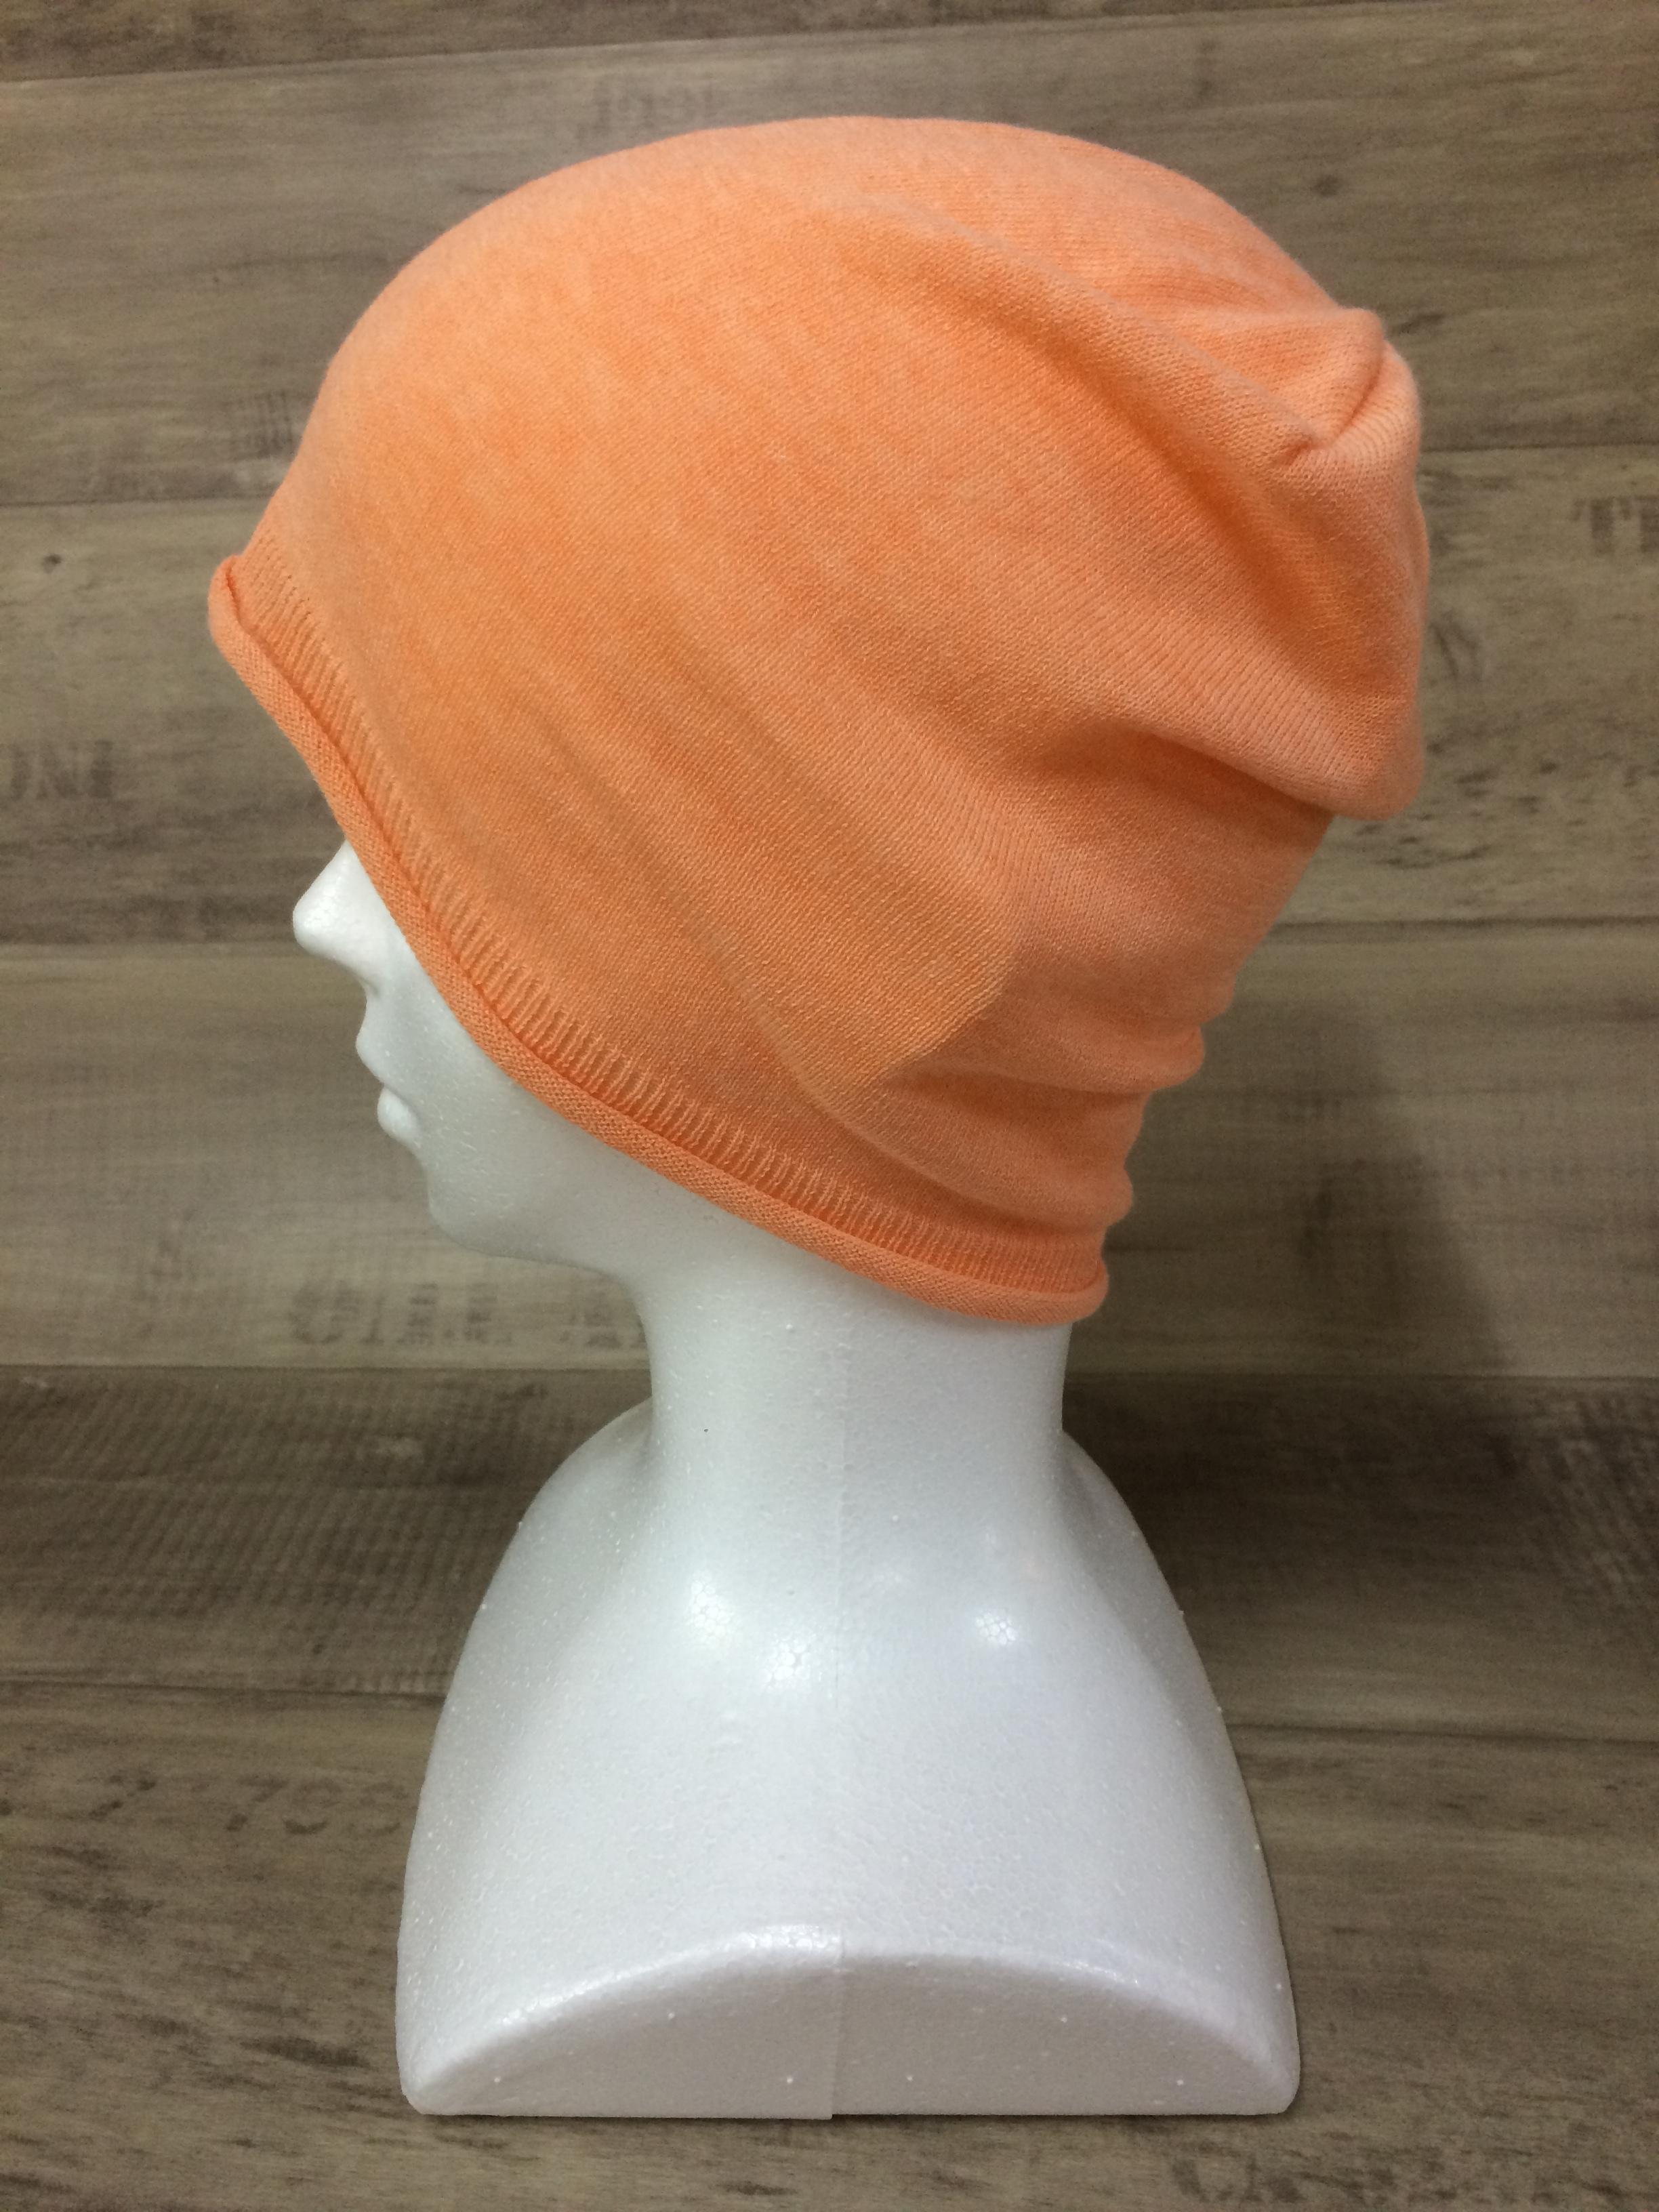 【送料無料】こころが軽くなるニット帽子amuamu|新潟の老舗ニットメーカーが考案した抗がん治療中の脱毛ストレスを軽減する機能性と豊富なデザイン NB-6058|夕張メロン <オーガニックコットン アウター>